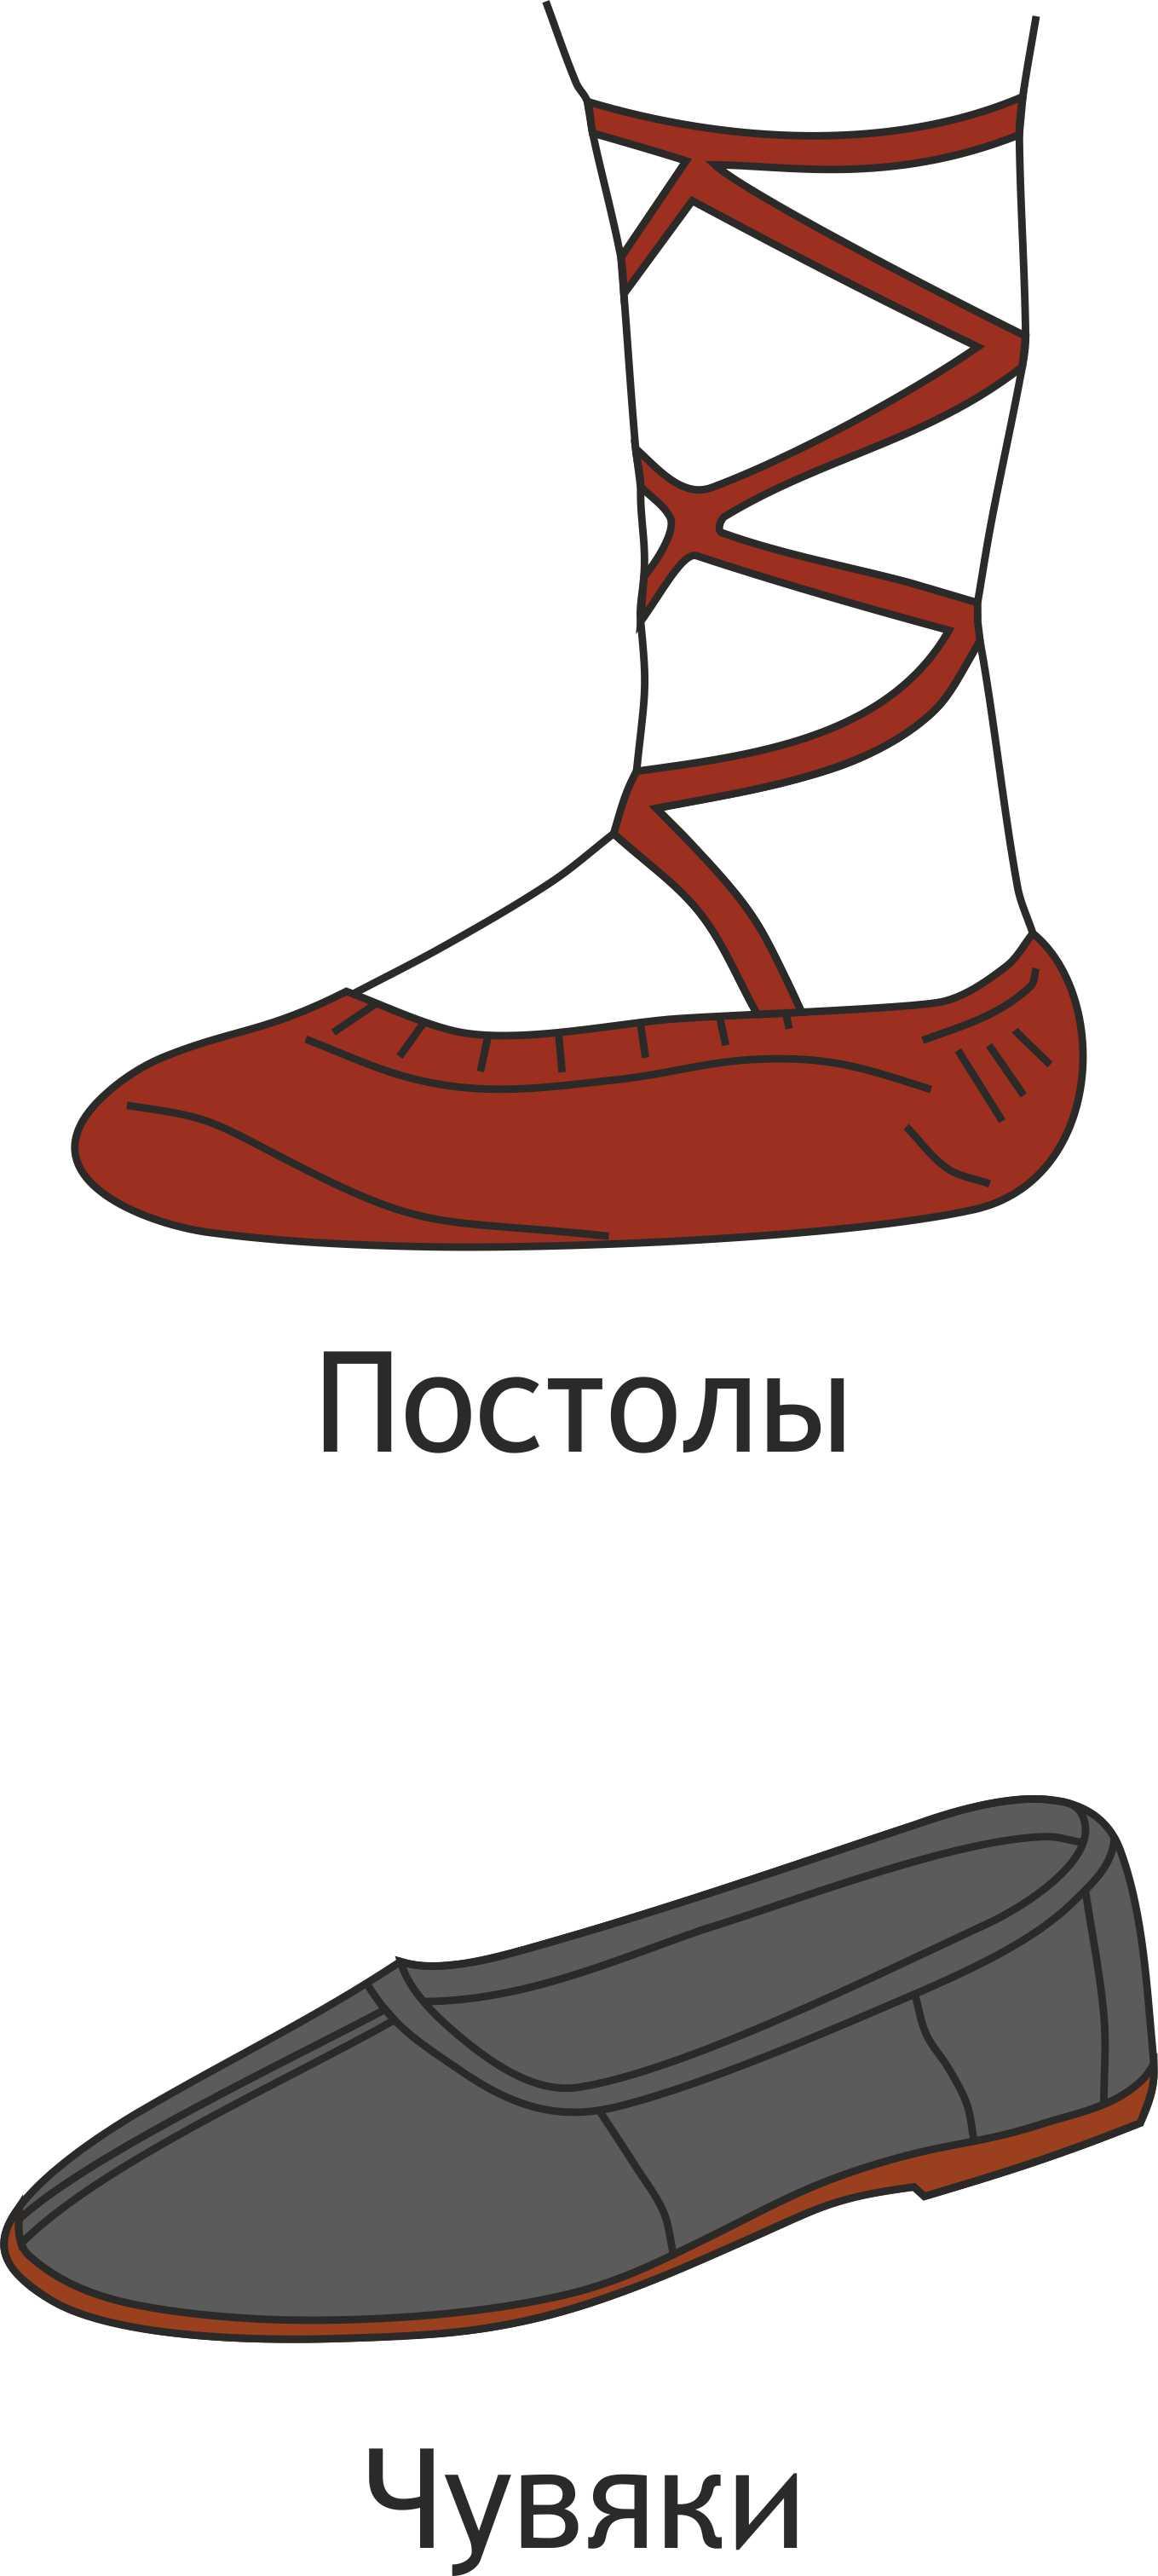 Постолы и чувяки